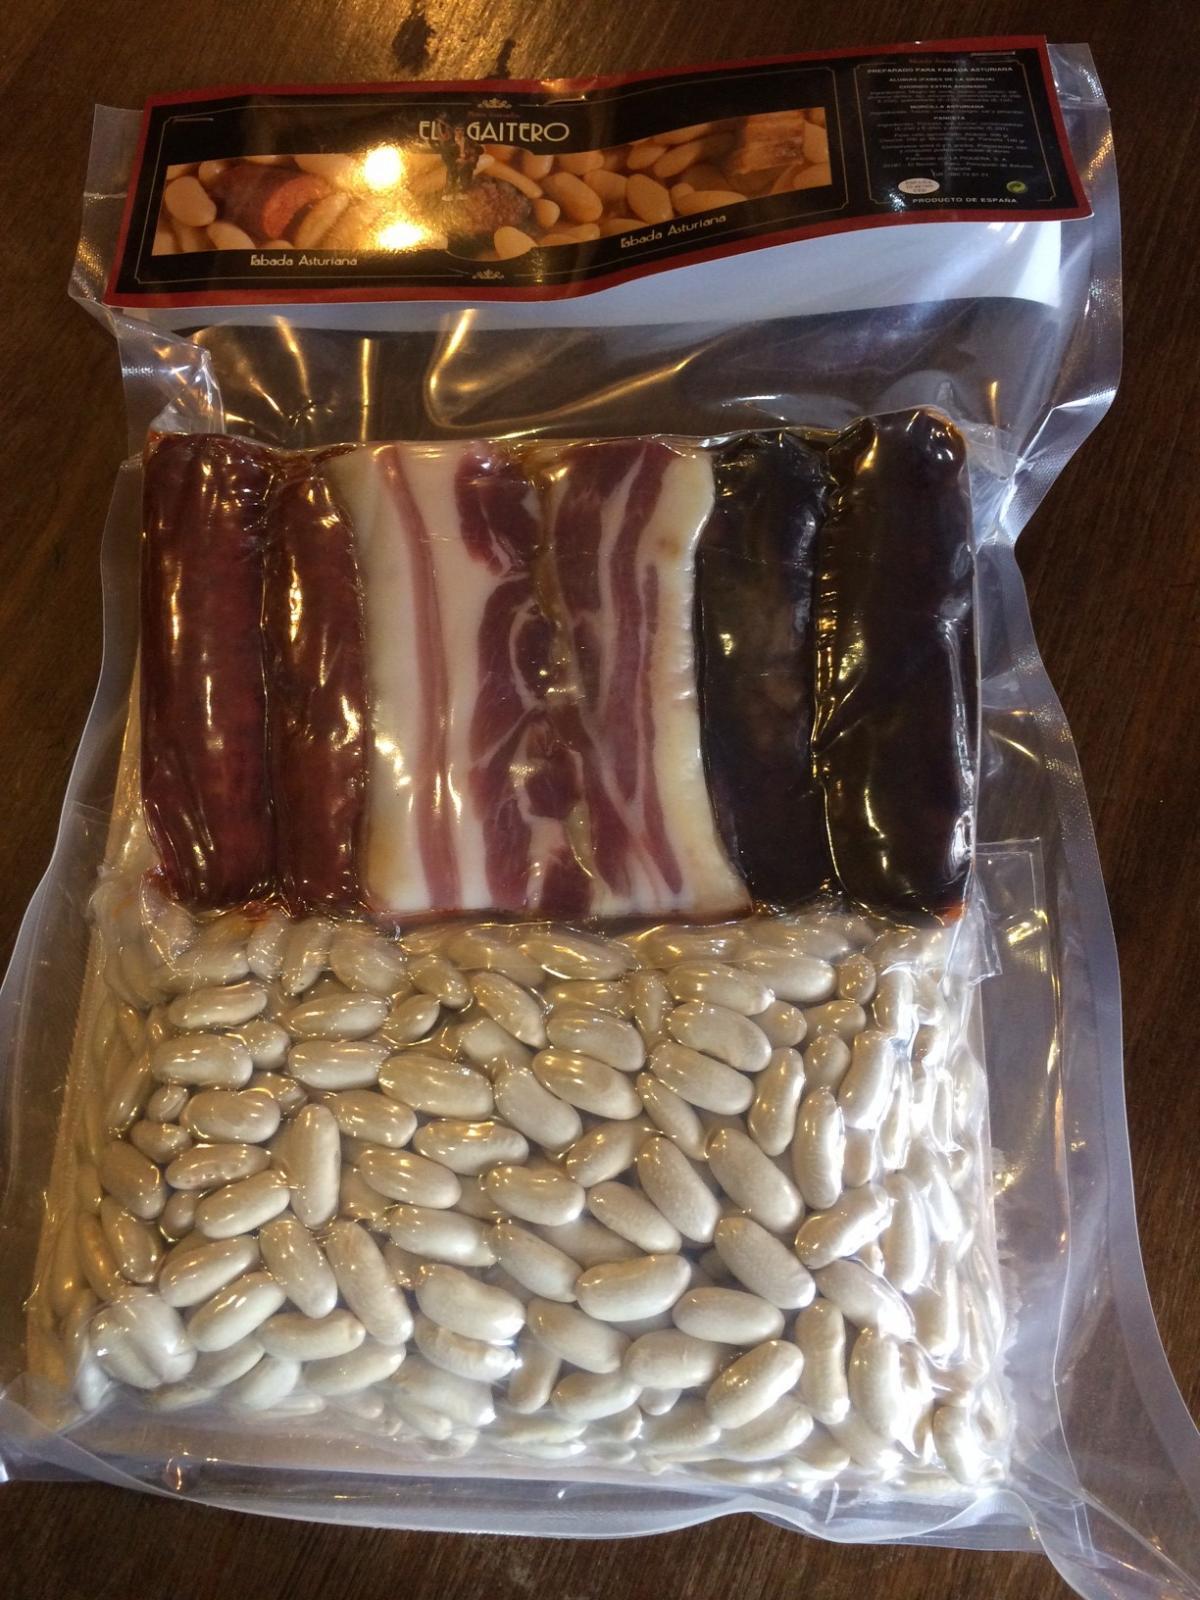 Preparado de Fabada Asturiana El Gaitero (3 raciones)